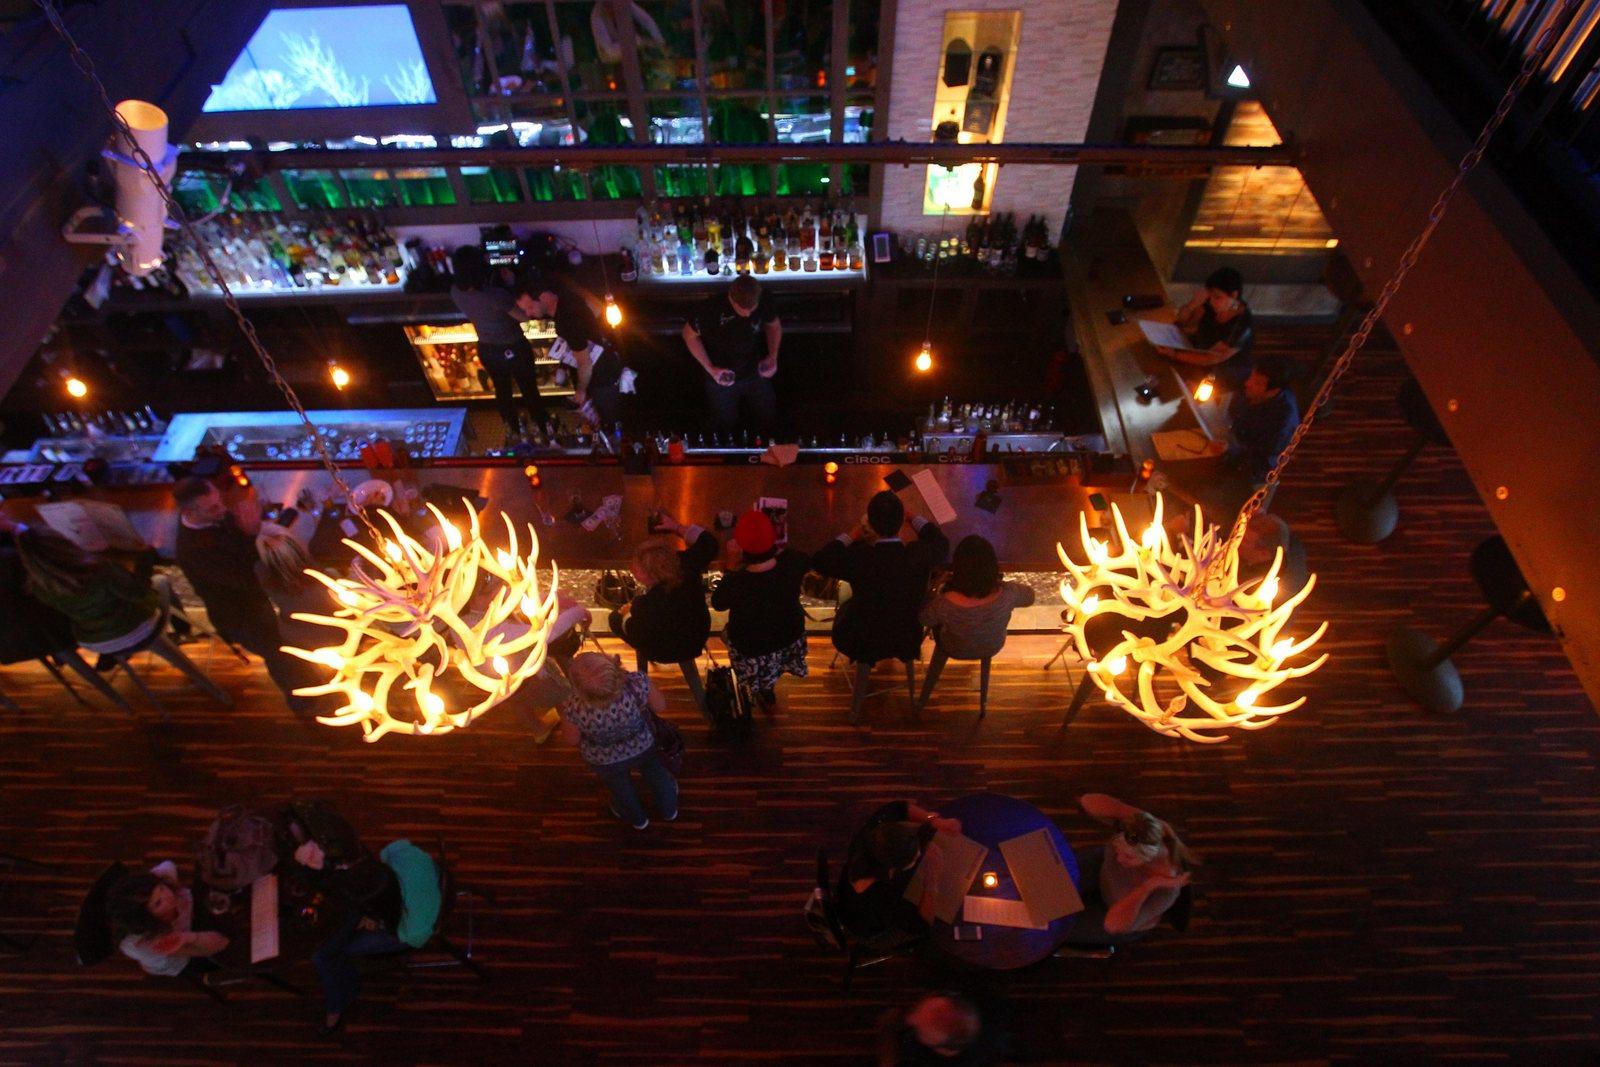 chippewa nightspot the lodge has closed  u2013 the buffalo news